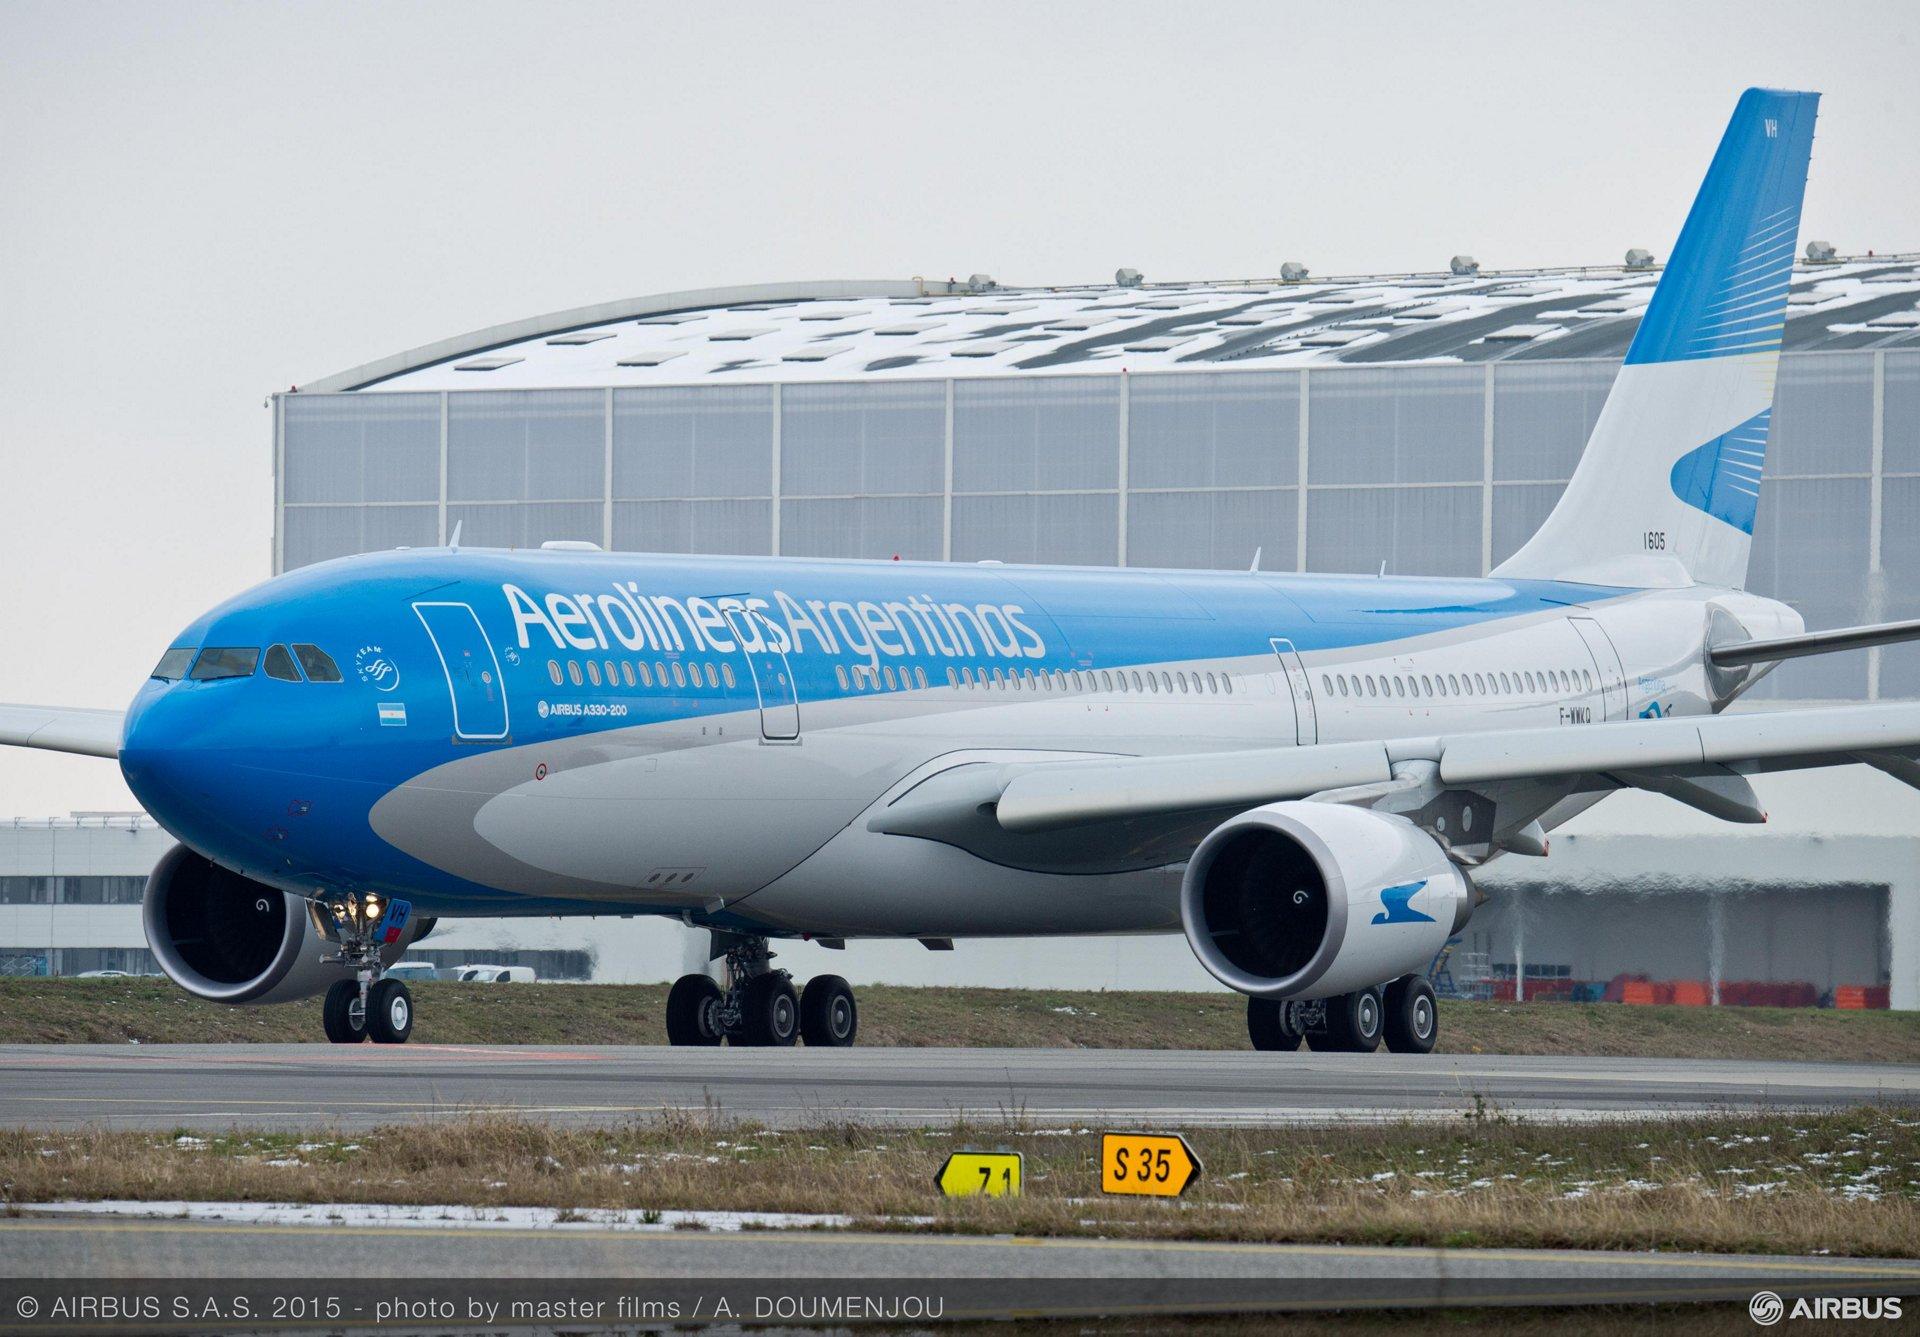 Tráfico de pasajeros de Aerolíneas Argentinas creció 6% durante agosto